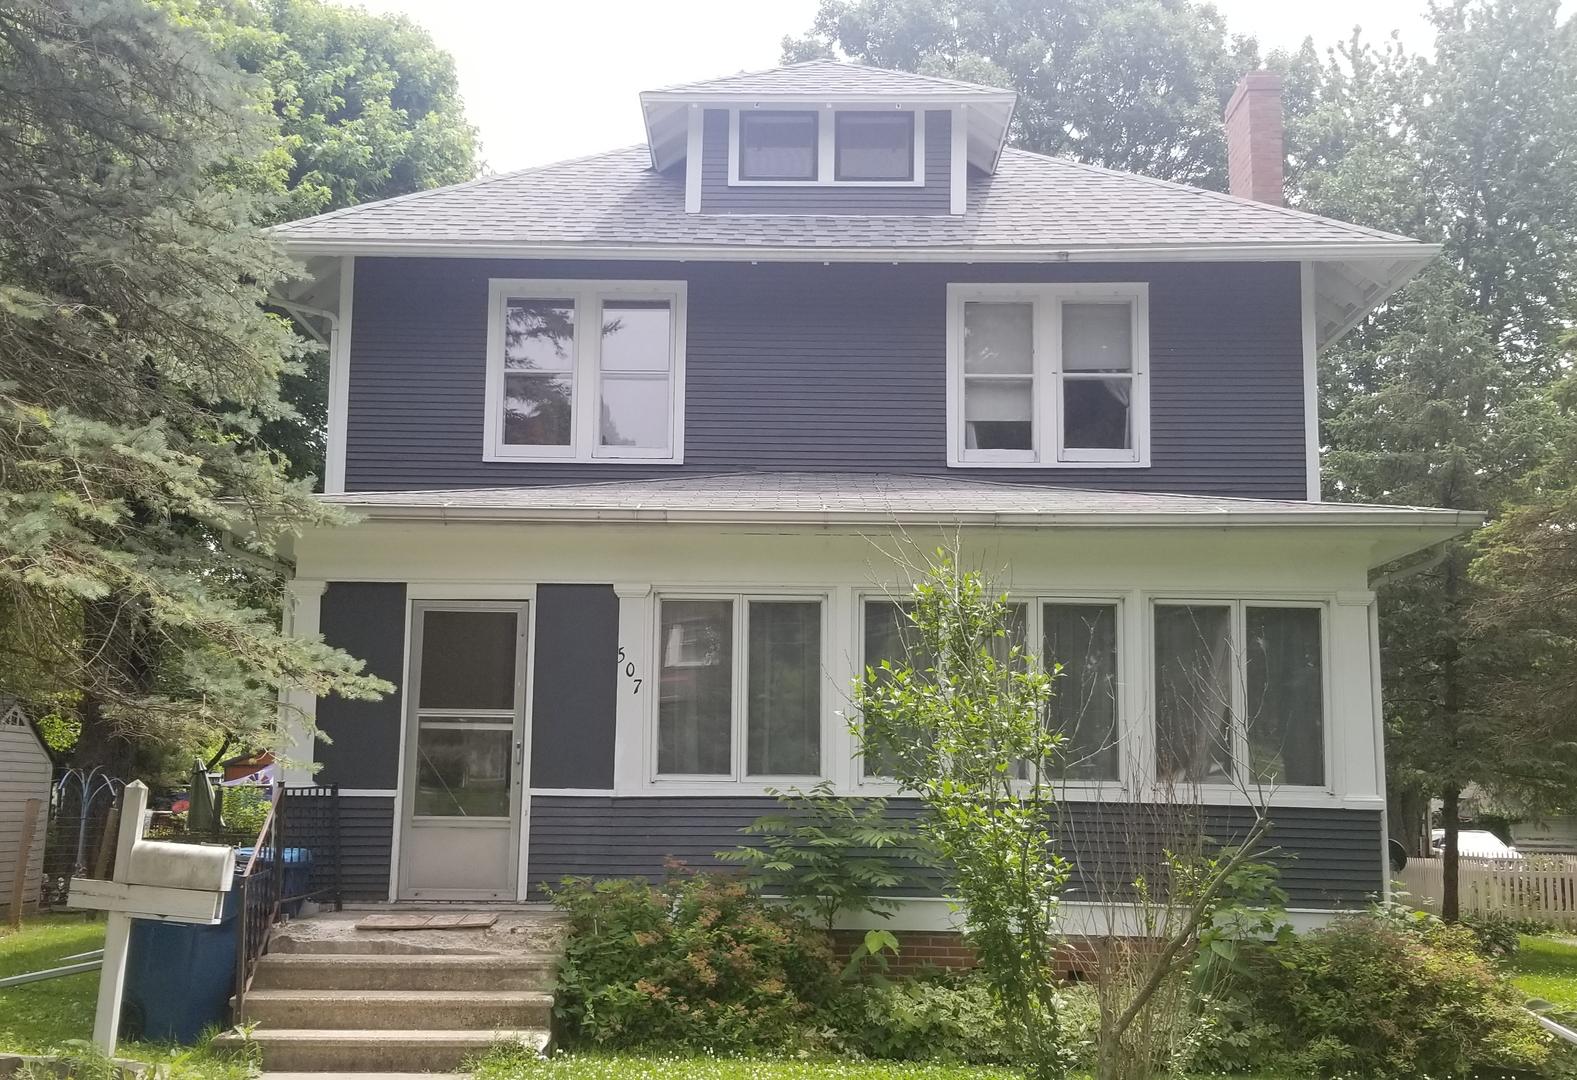 507 13th ,Mendota, Illinois 61342